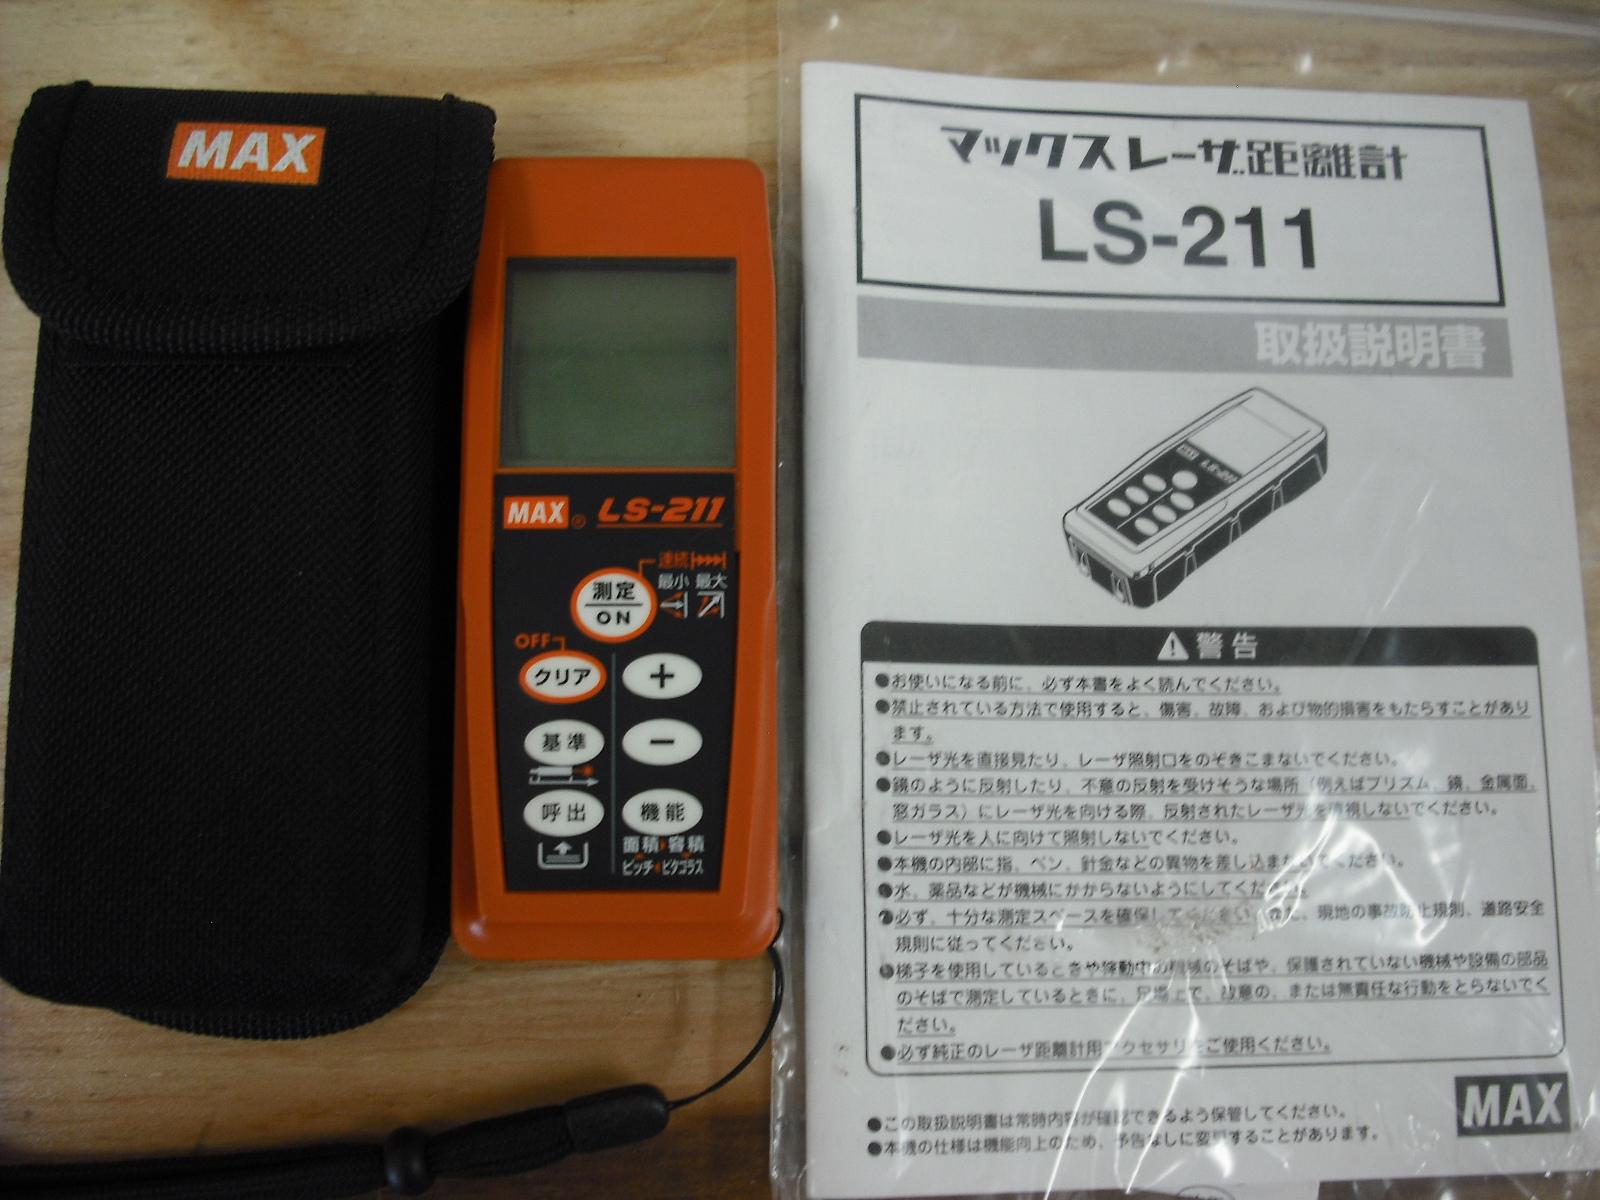 MAXマックスレーザー距離計 LS-211を入荷しました!倉敷店